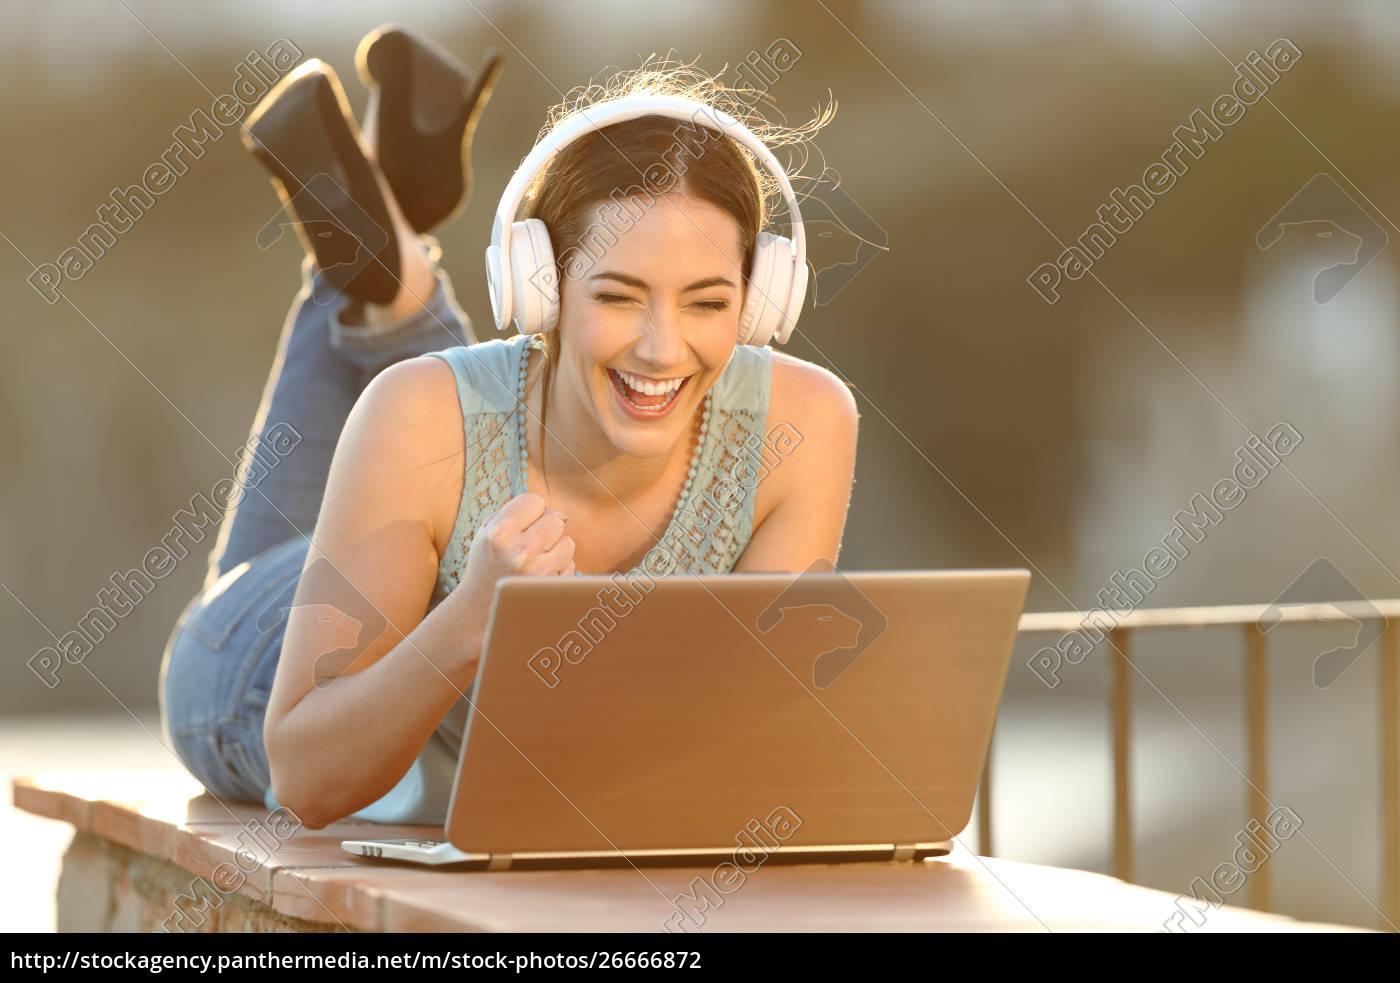 excited, girl, wearing, headphones, watching, media - 26666872